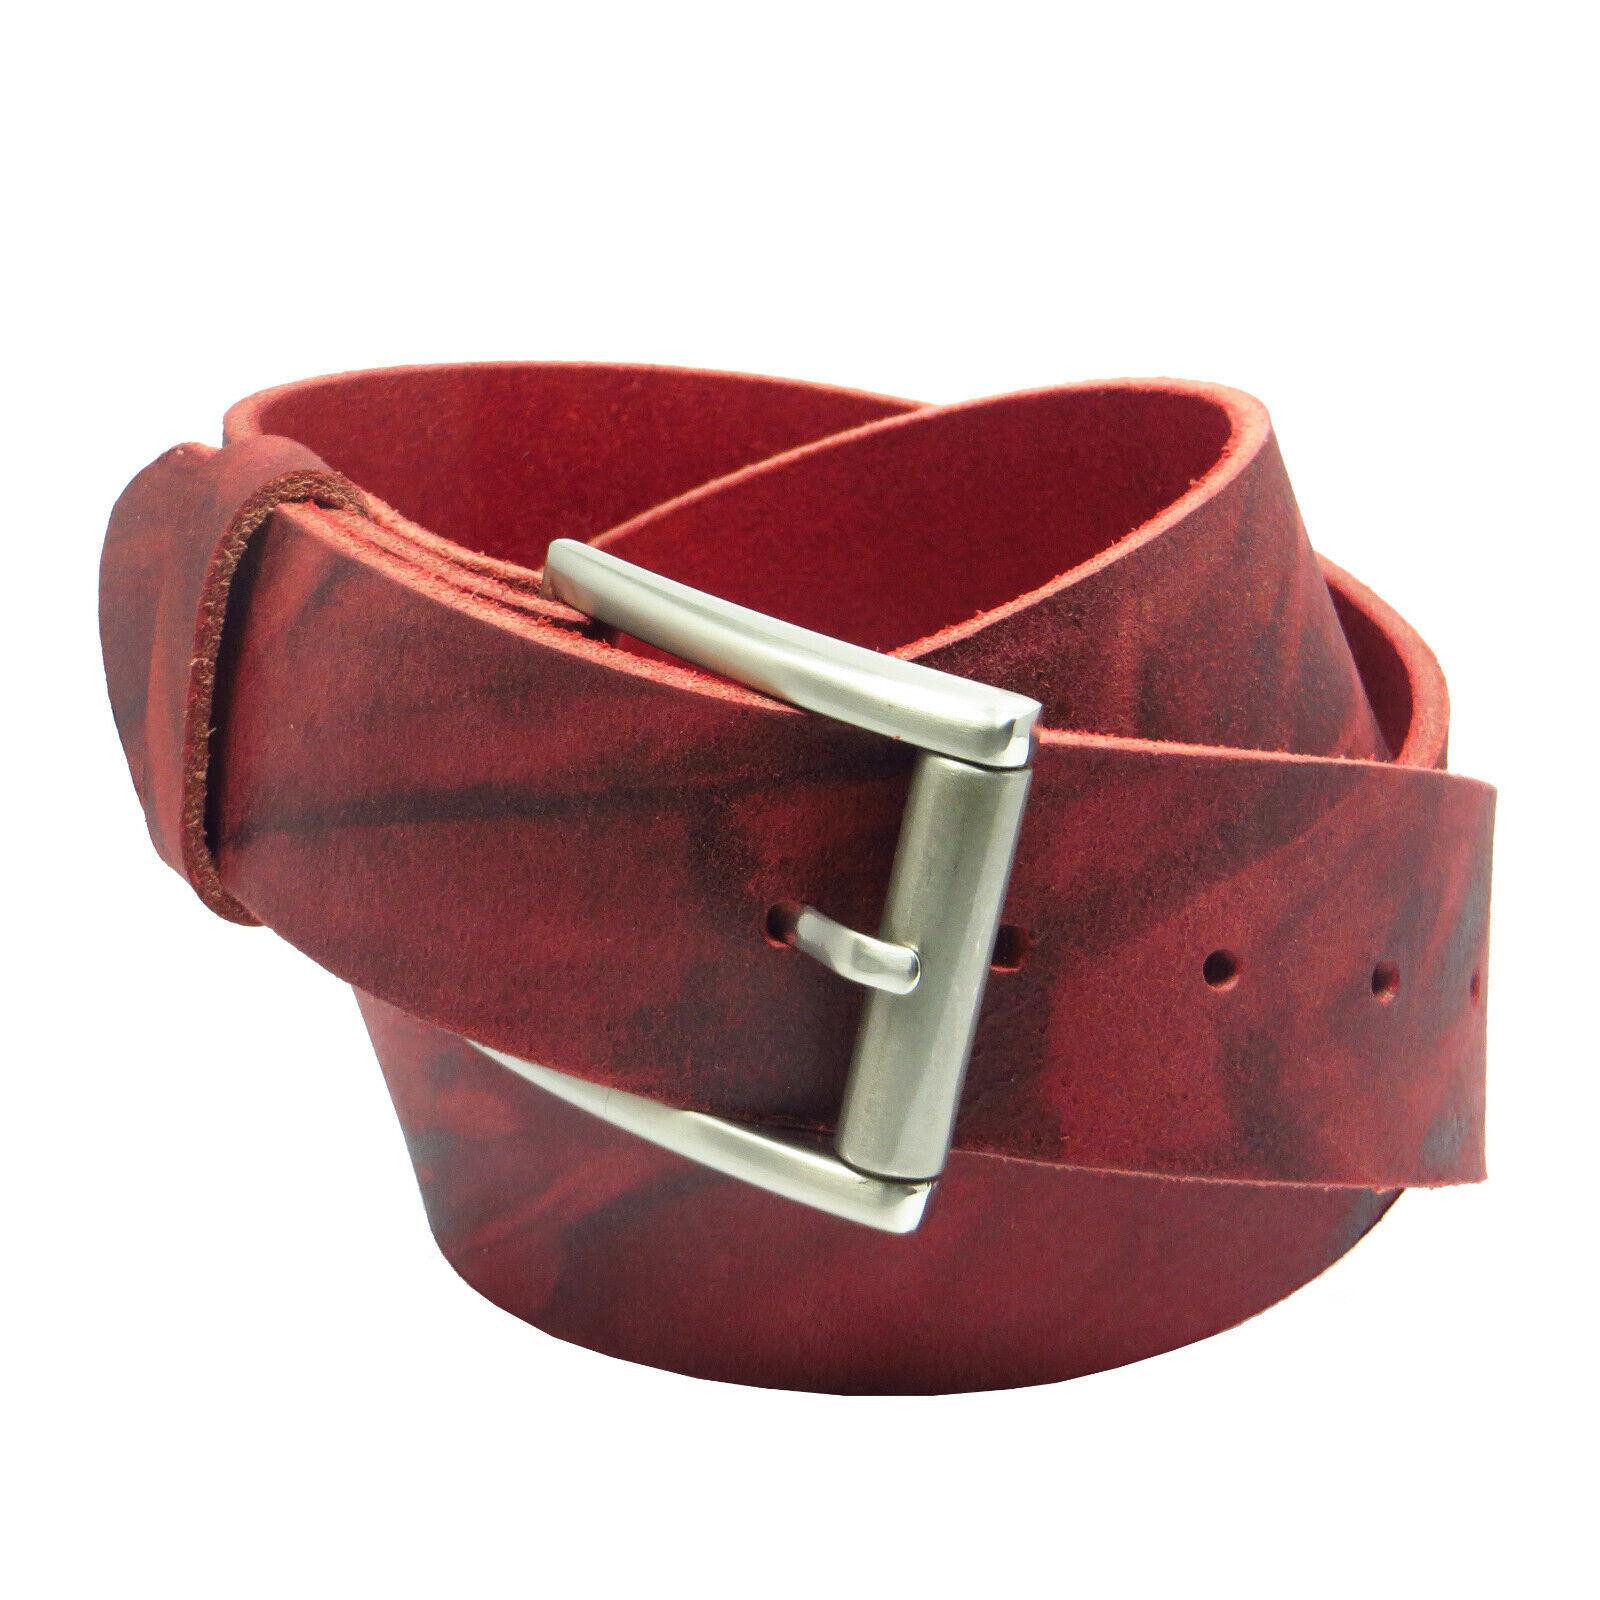 Ledergürtel 4 cm breit rot aus eigener Fertigung Büffelleder Bundweite messen